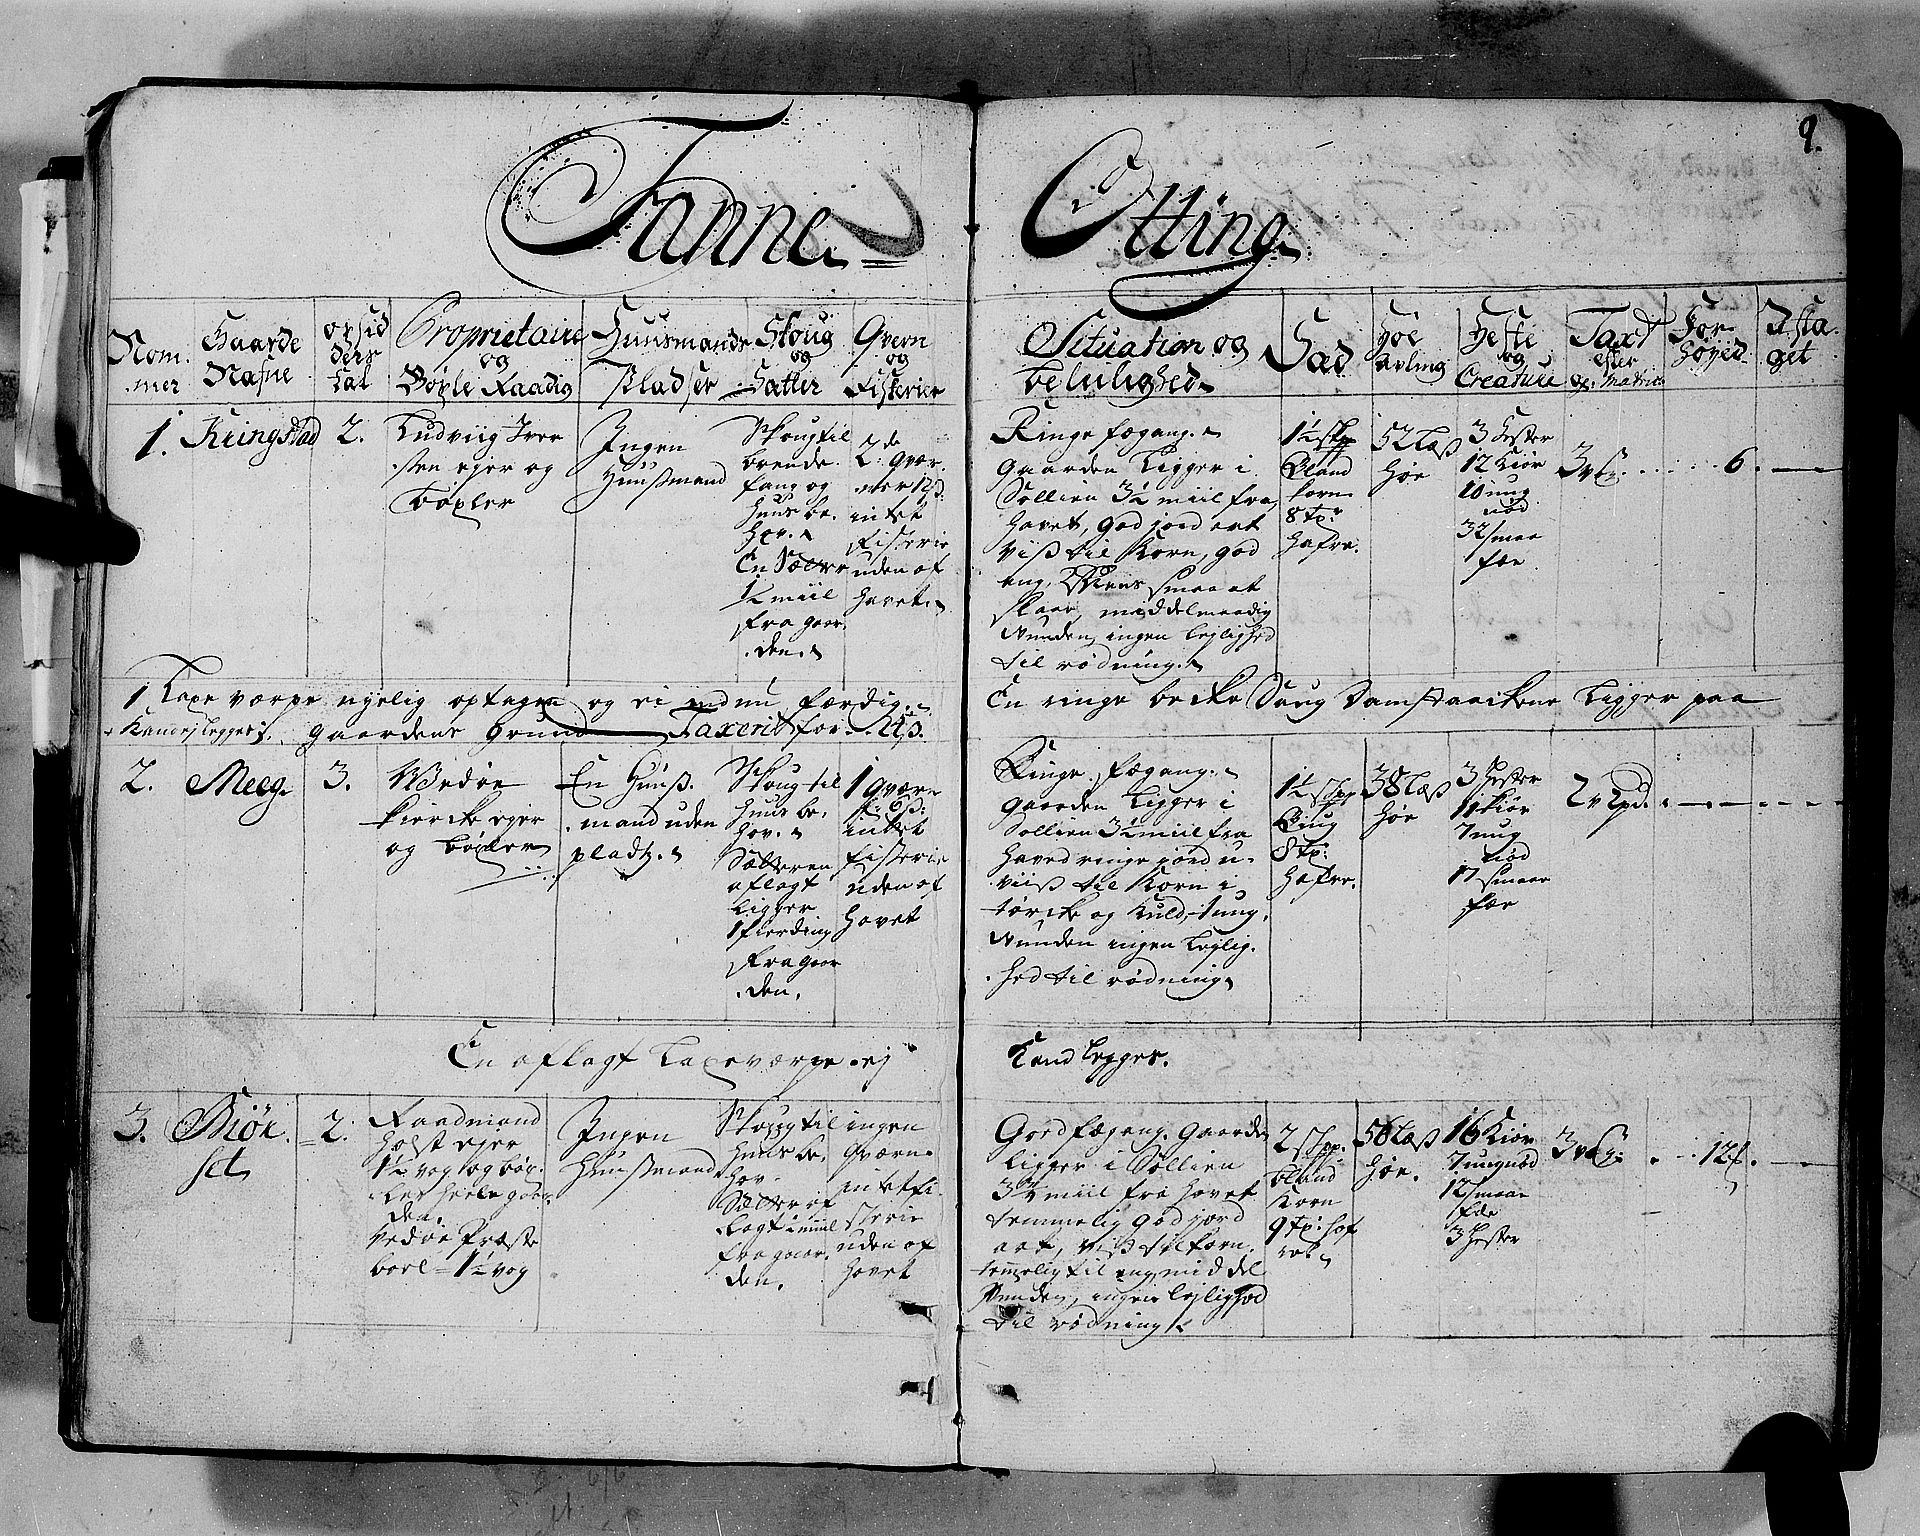 RA, Rentekammeret inntil 1814, Realistisk ordnet avdeling, N/Nb/Nbf/L0152: Romsdal eksaminasjonsprotokoll, 1724, s. 8b-9a